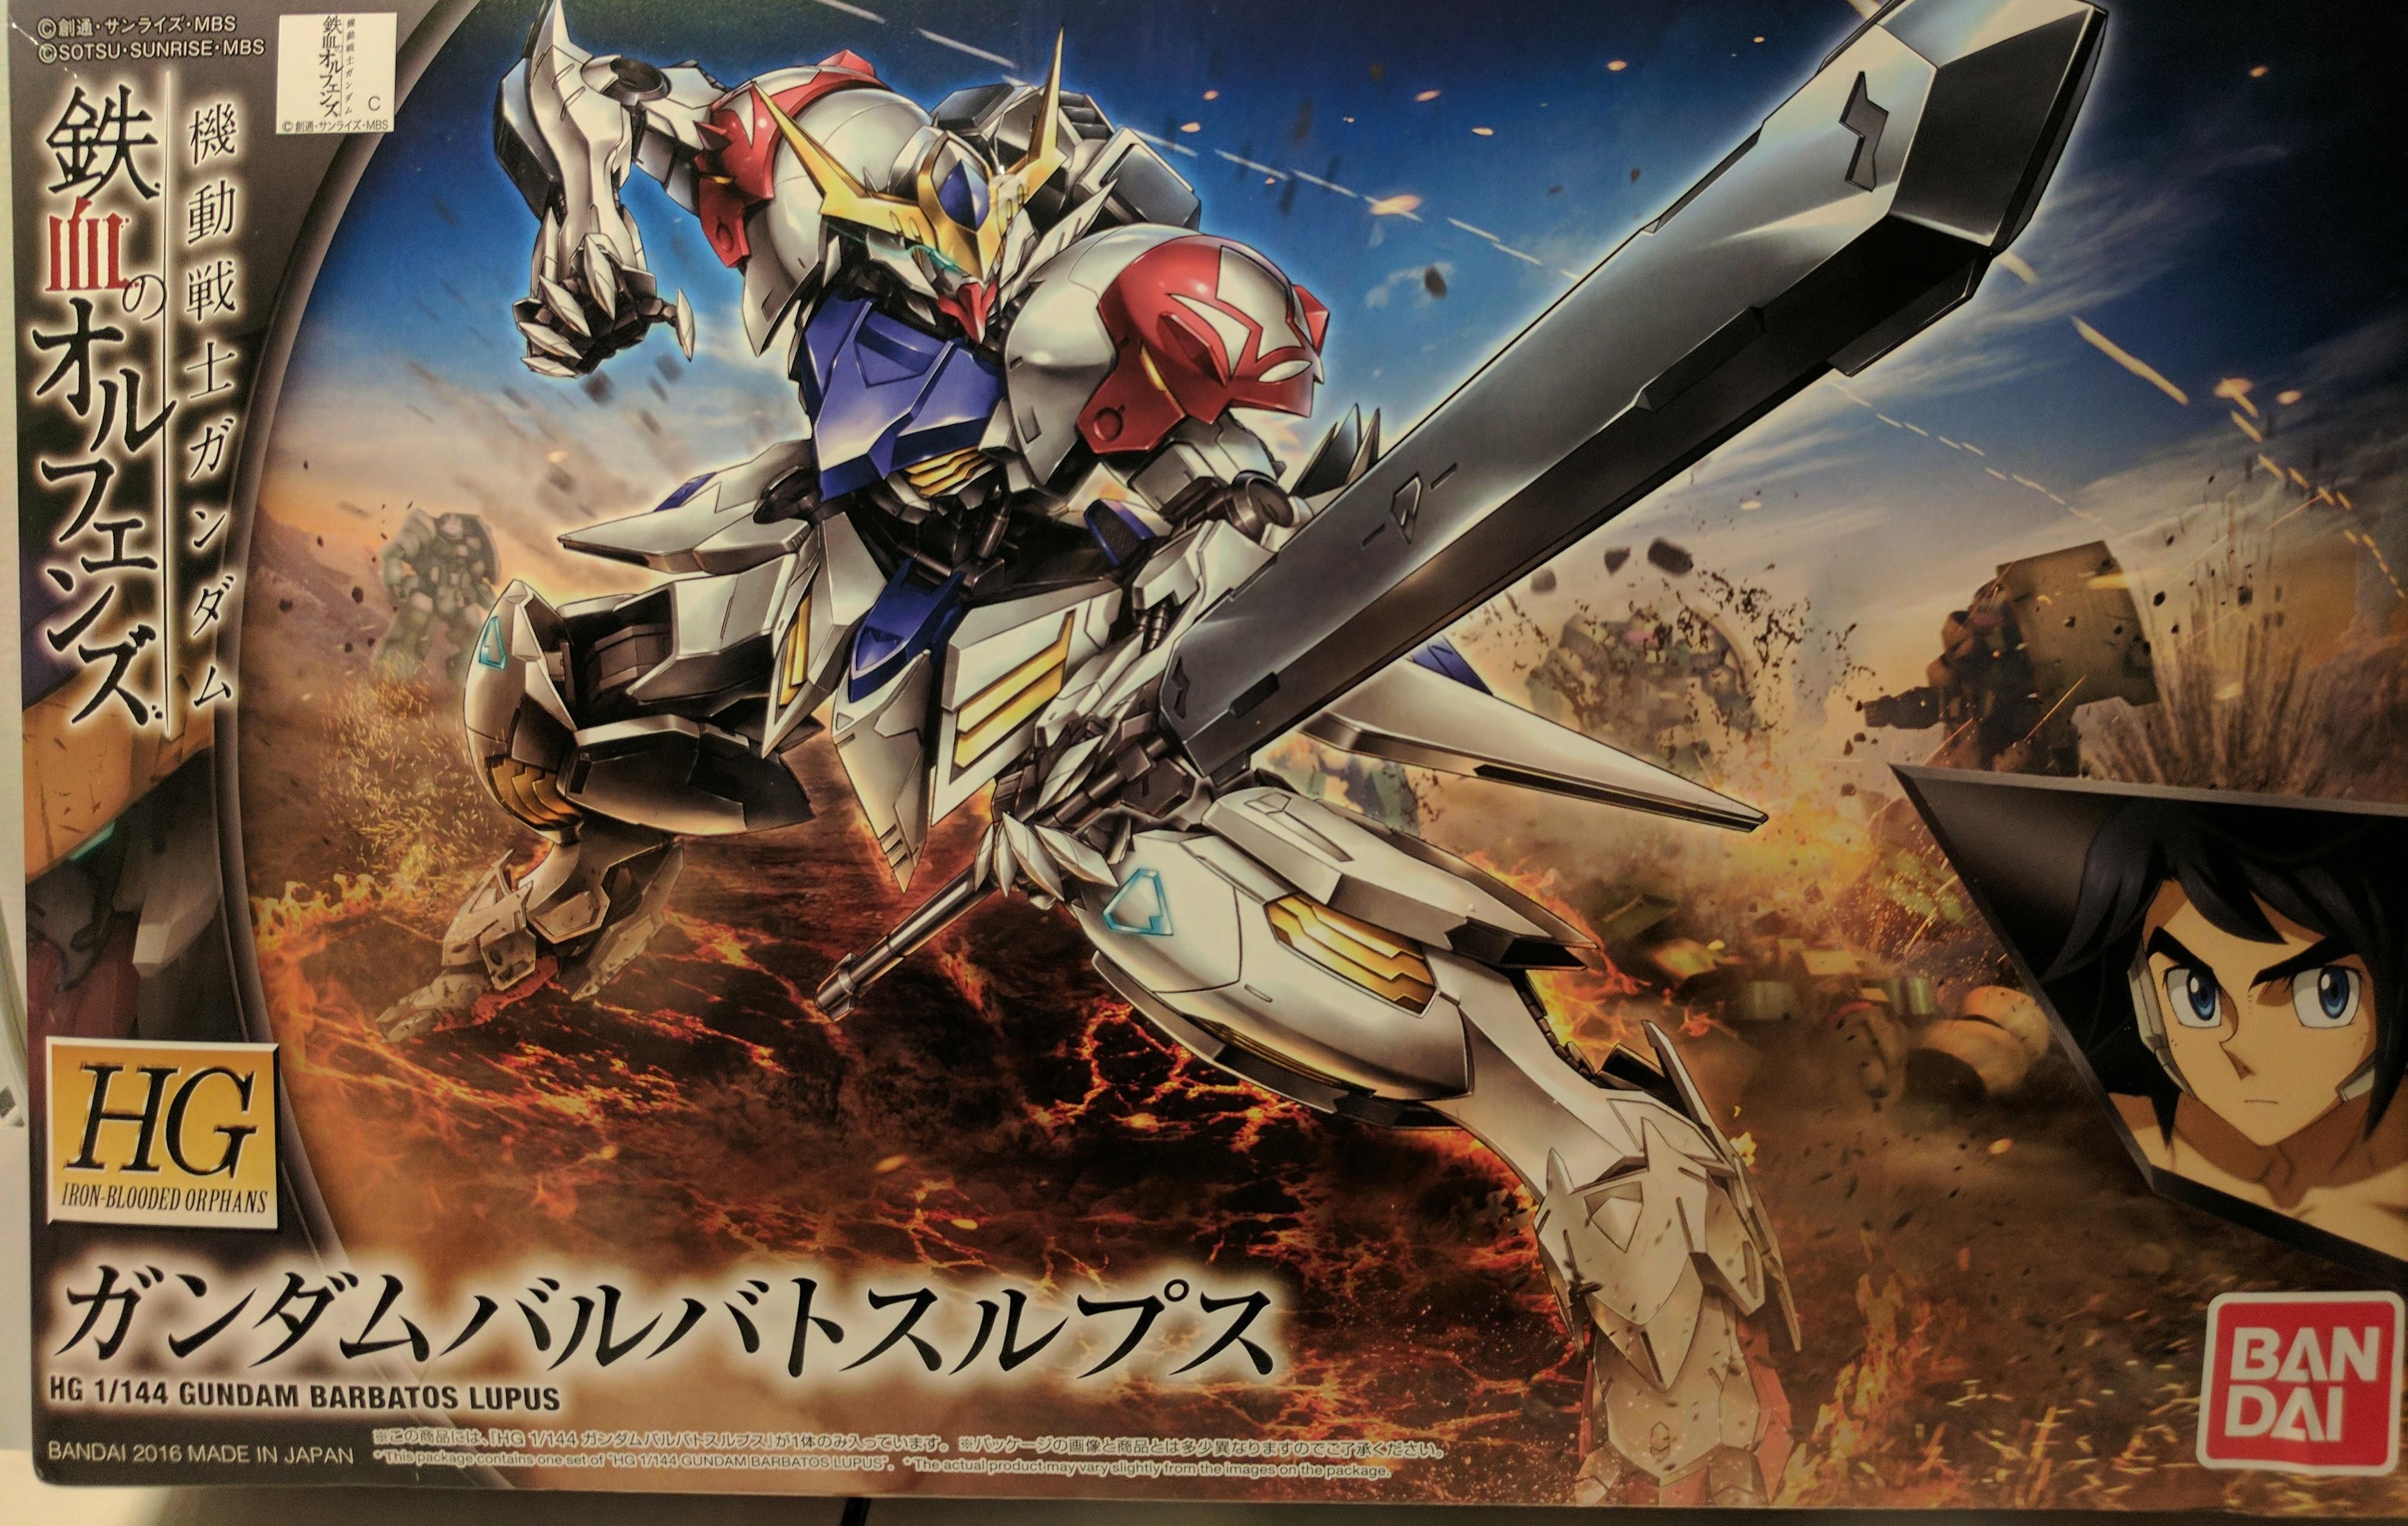 My Second Gundam Model Build - Barbatos Lupus